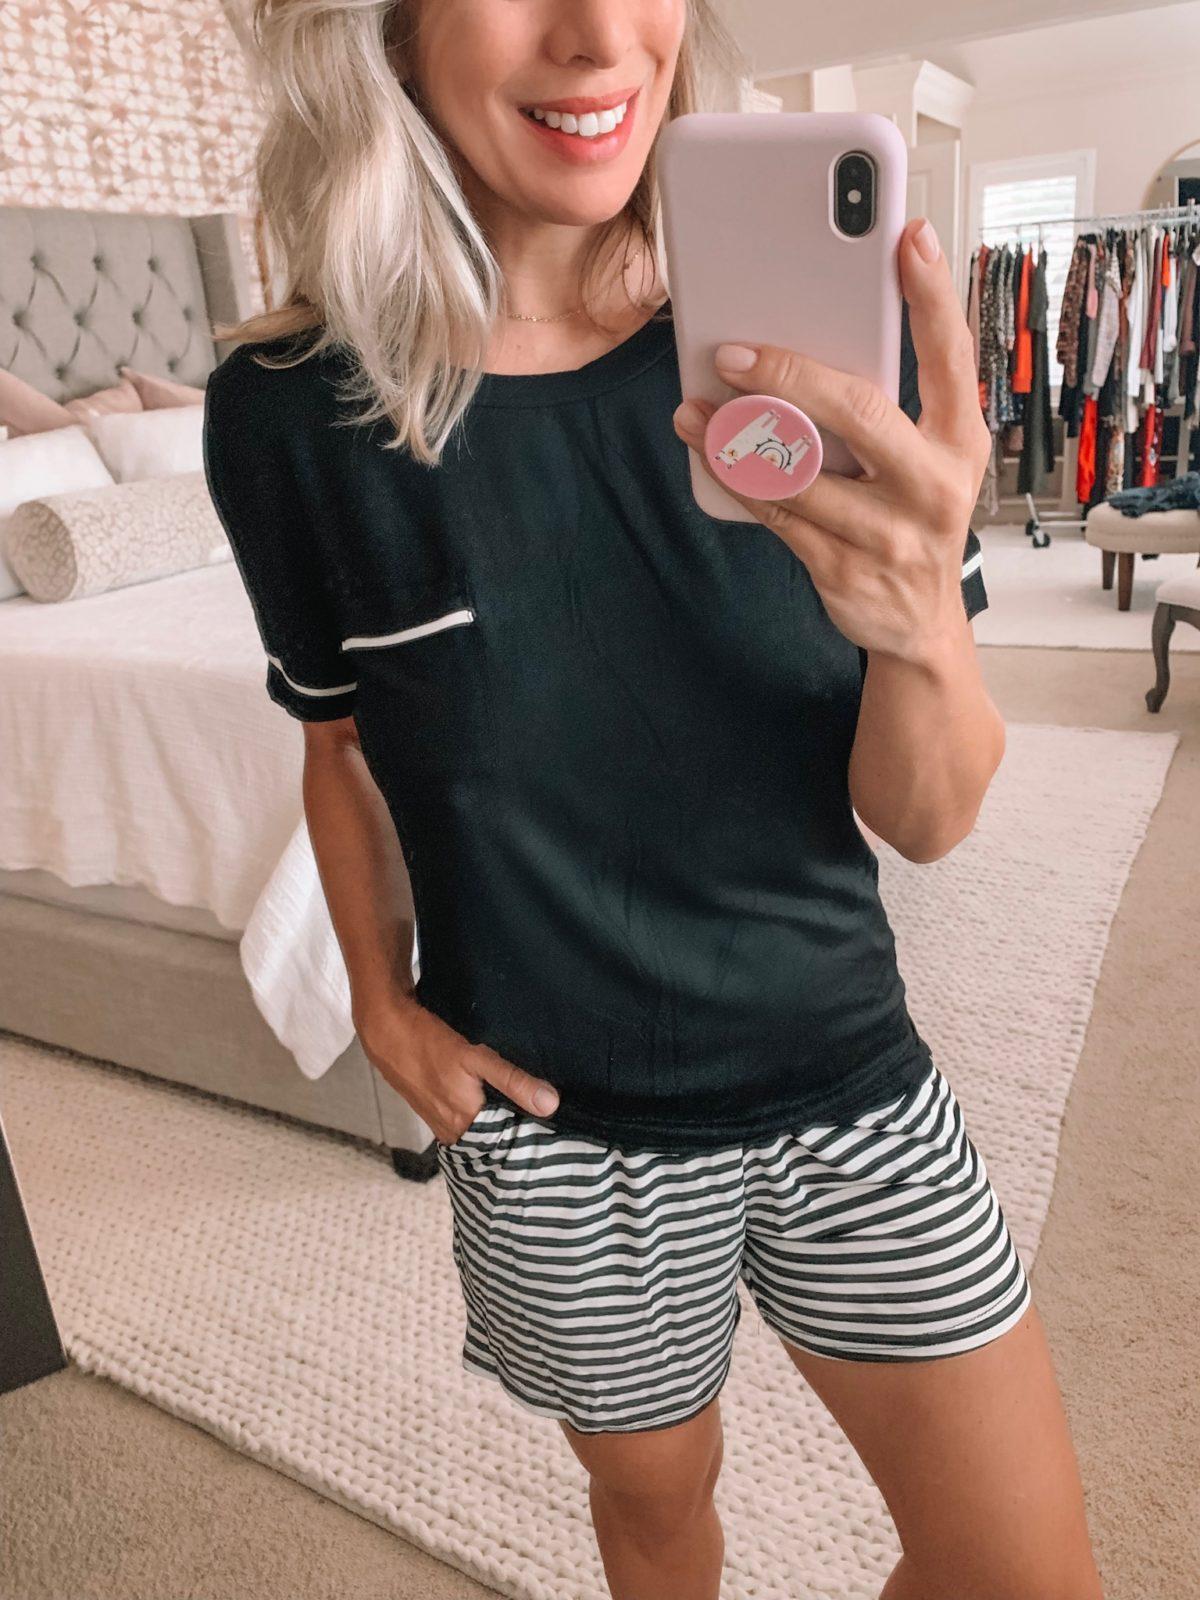 short pajama set from Amazon